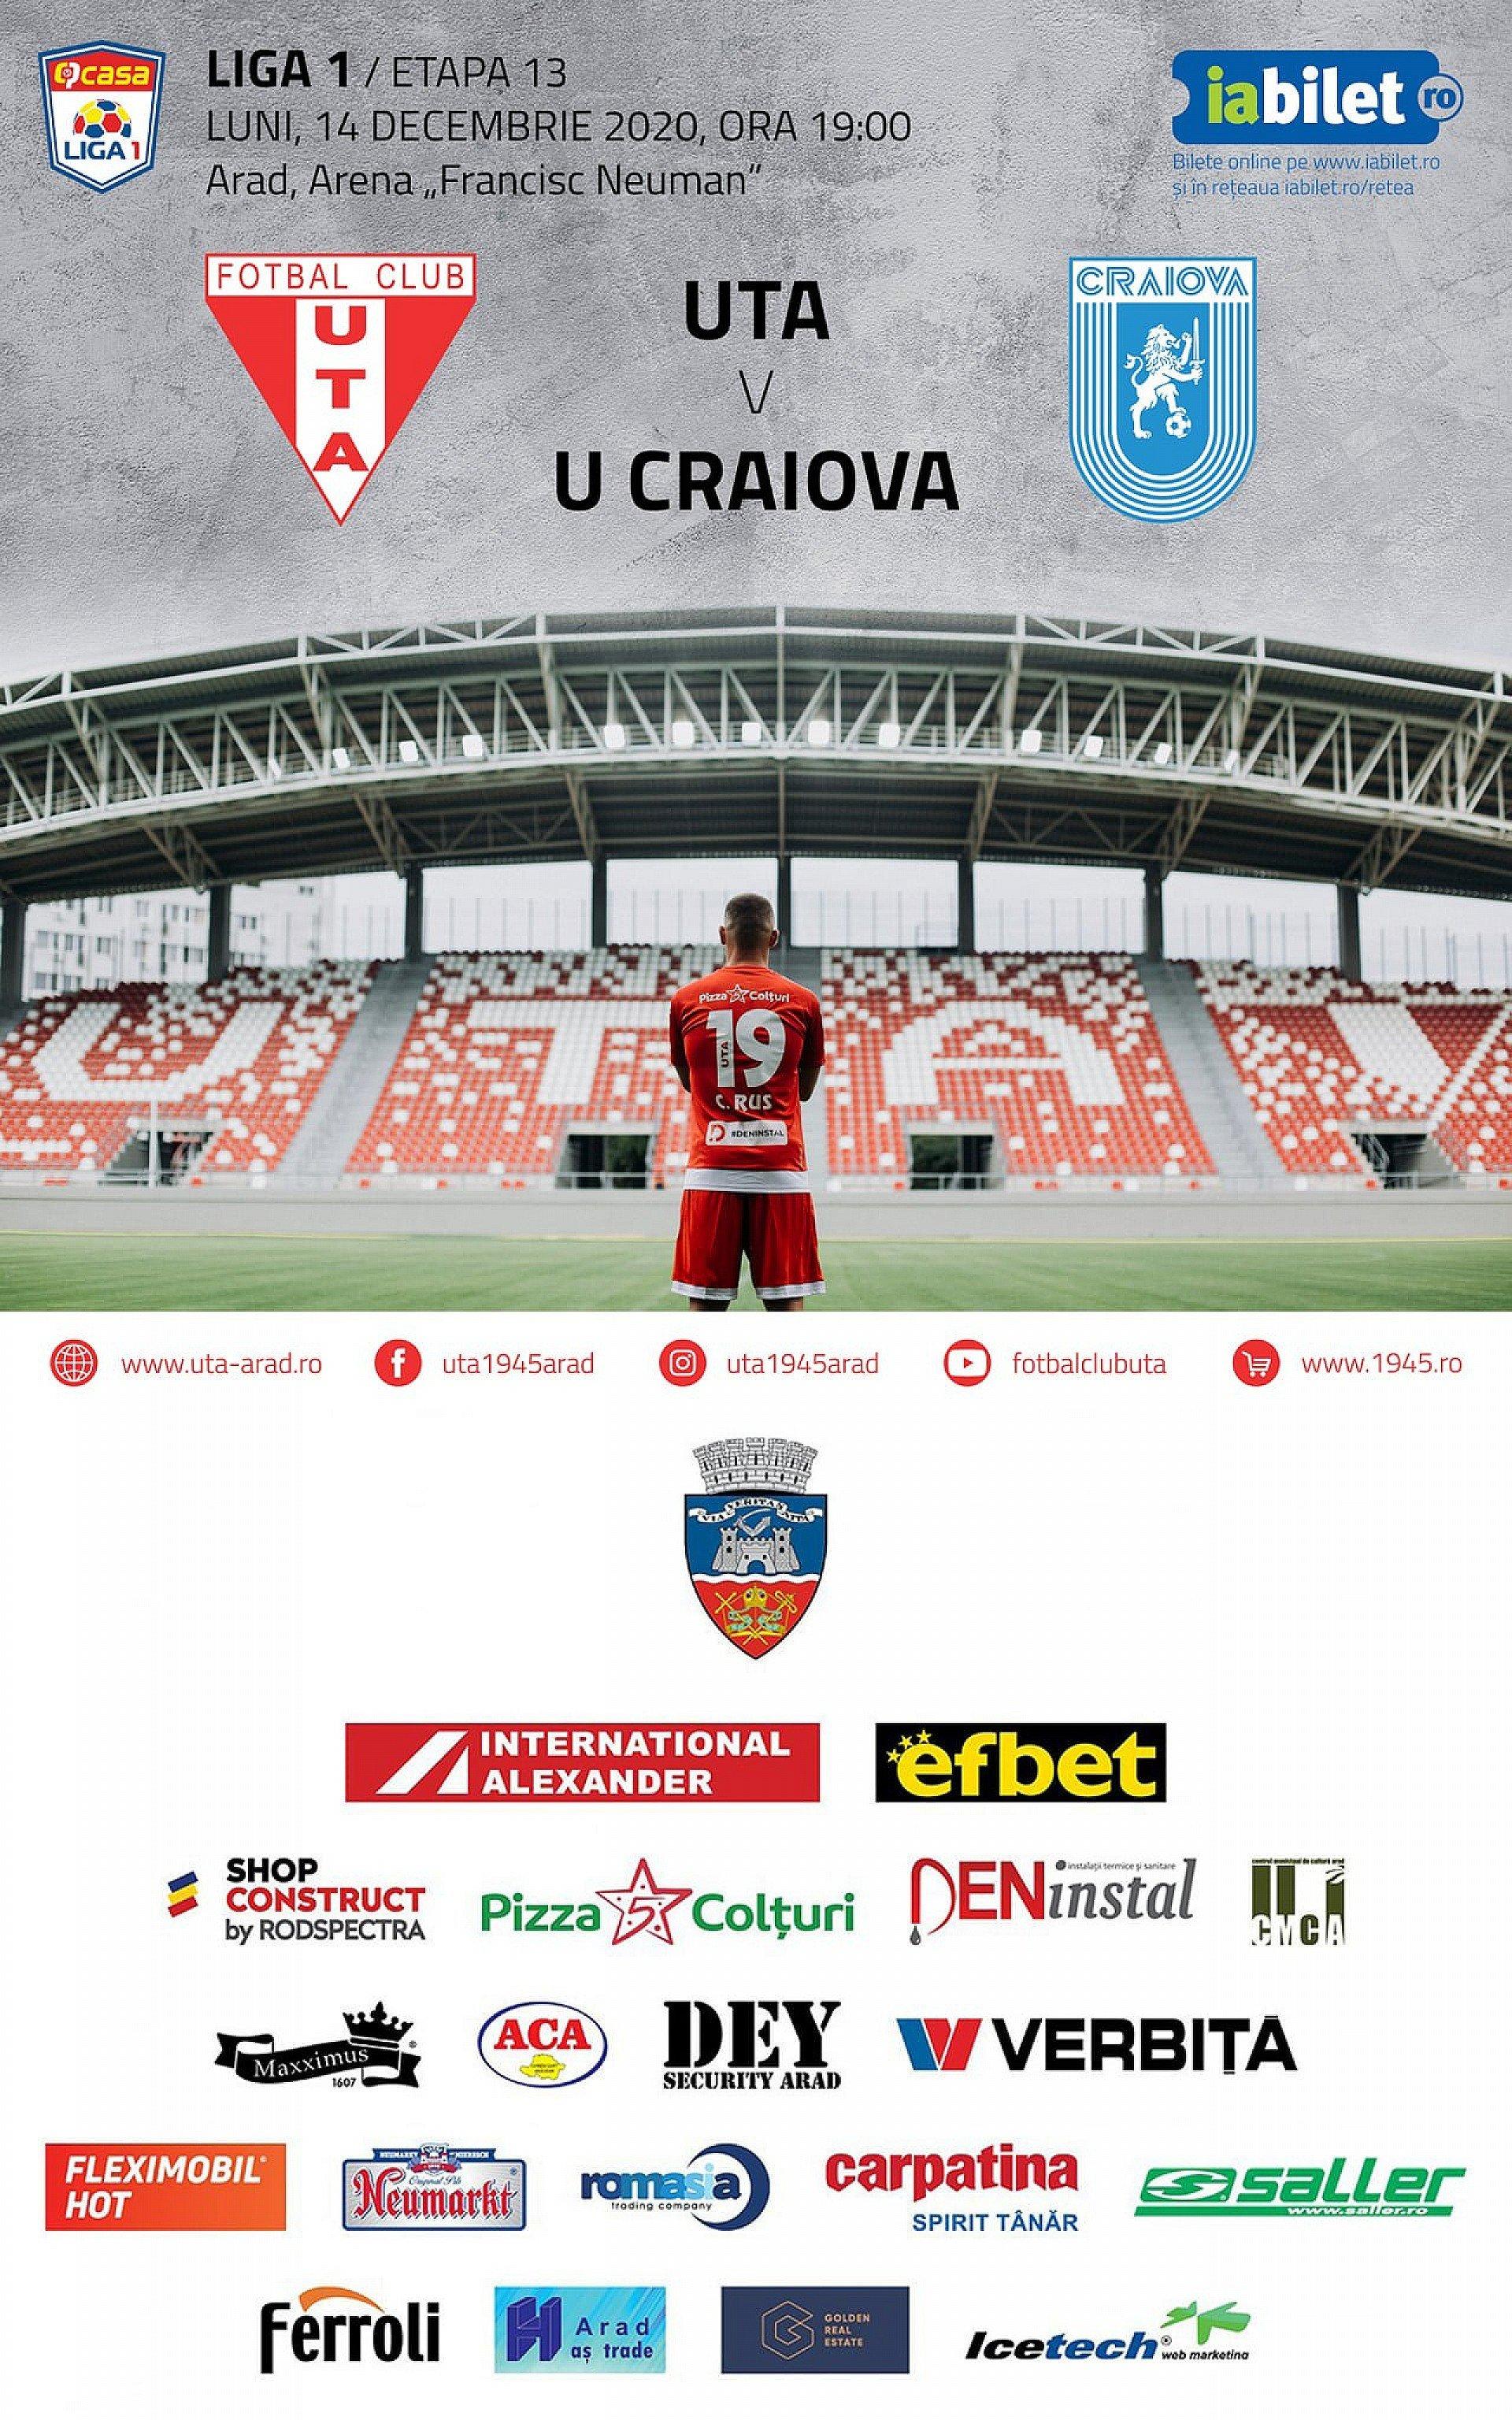 Imagine Bilete virtuale pentru meciul UTA - Universitatea Craiova